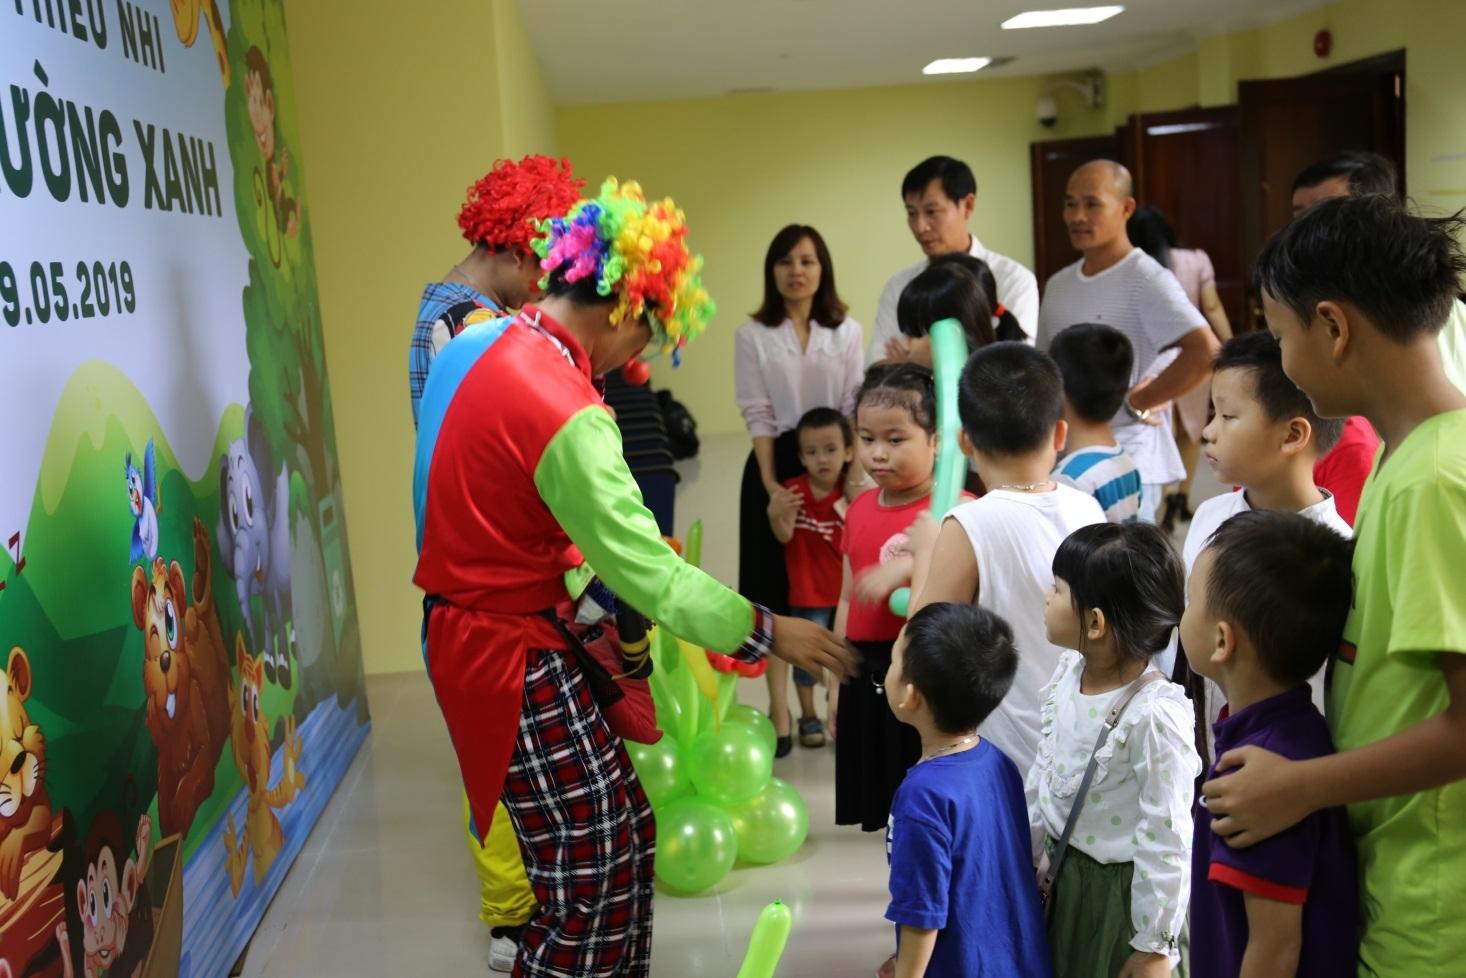 """Công ty Quản bý bay Miền Nam tổ chức chương trình """"Ngày hội thiếu nhi cùng môi trường xanh"""""""